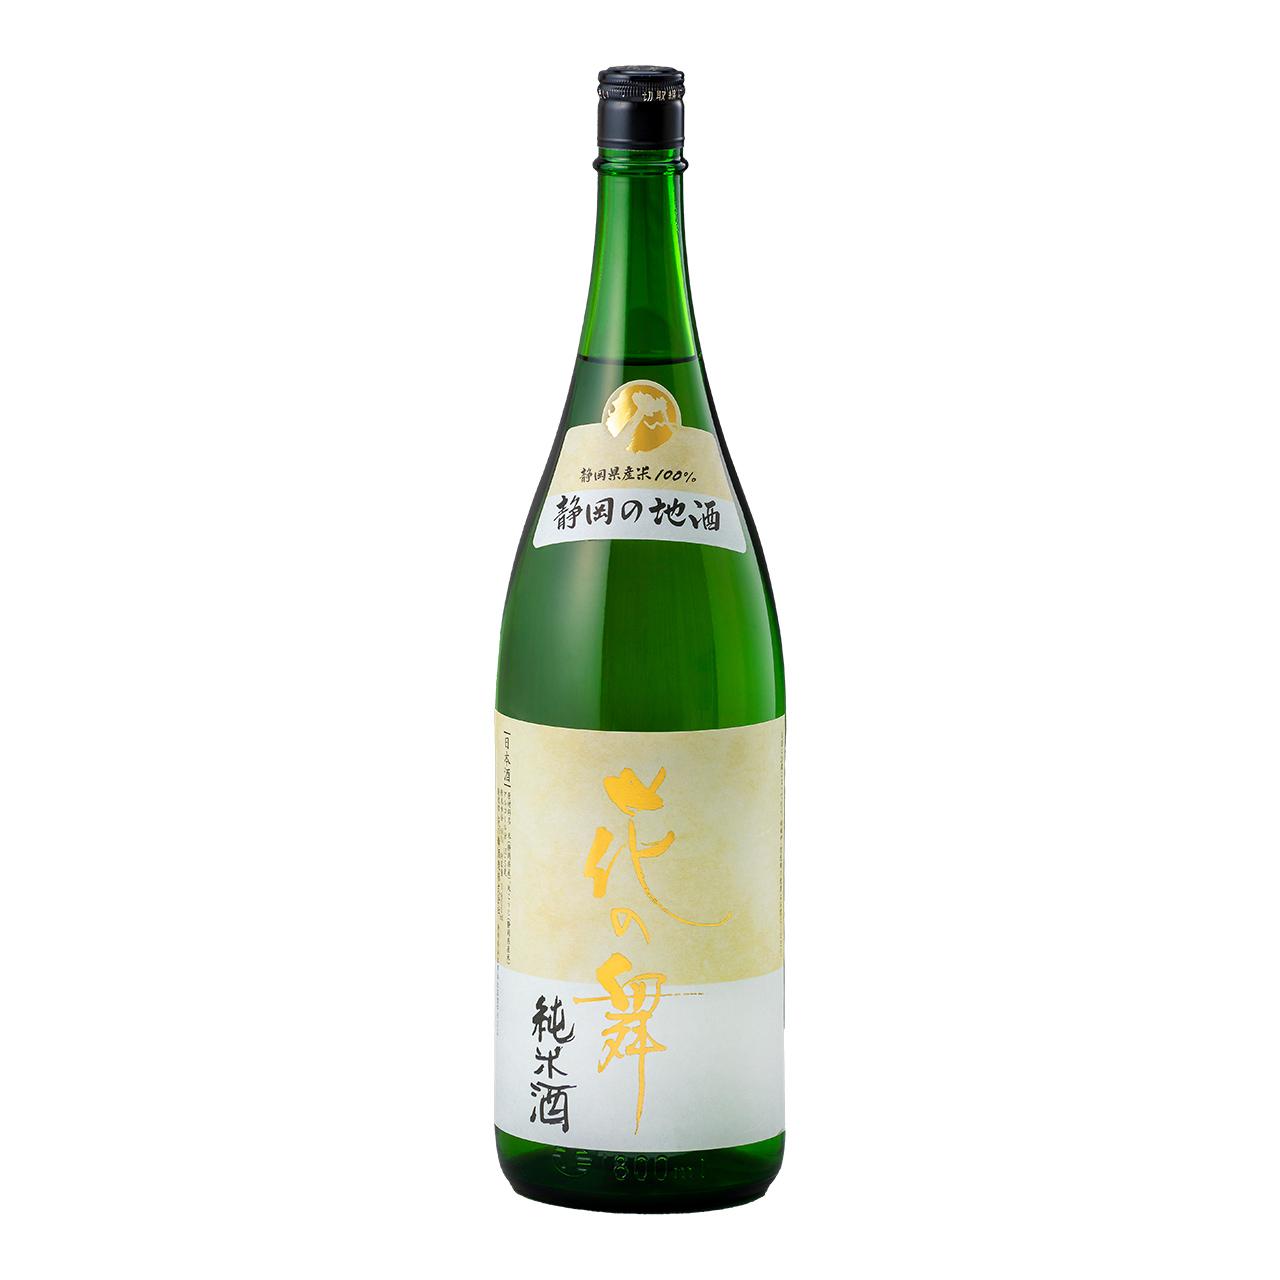 日本酒 花の舞 純米酒 送料無料 定番 贈与 金賞受賞蔵の静岡の地酒を 1800ml